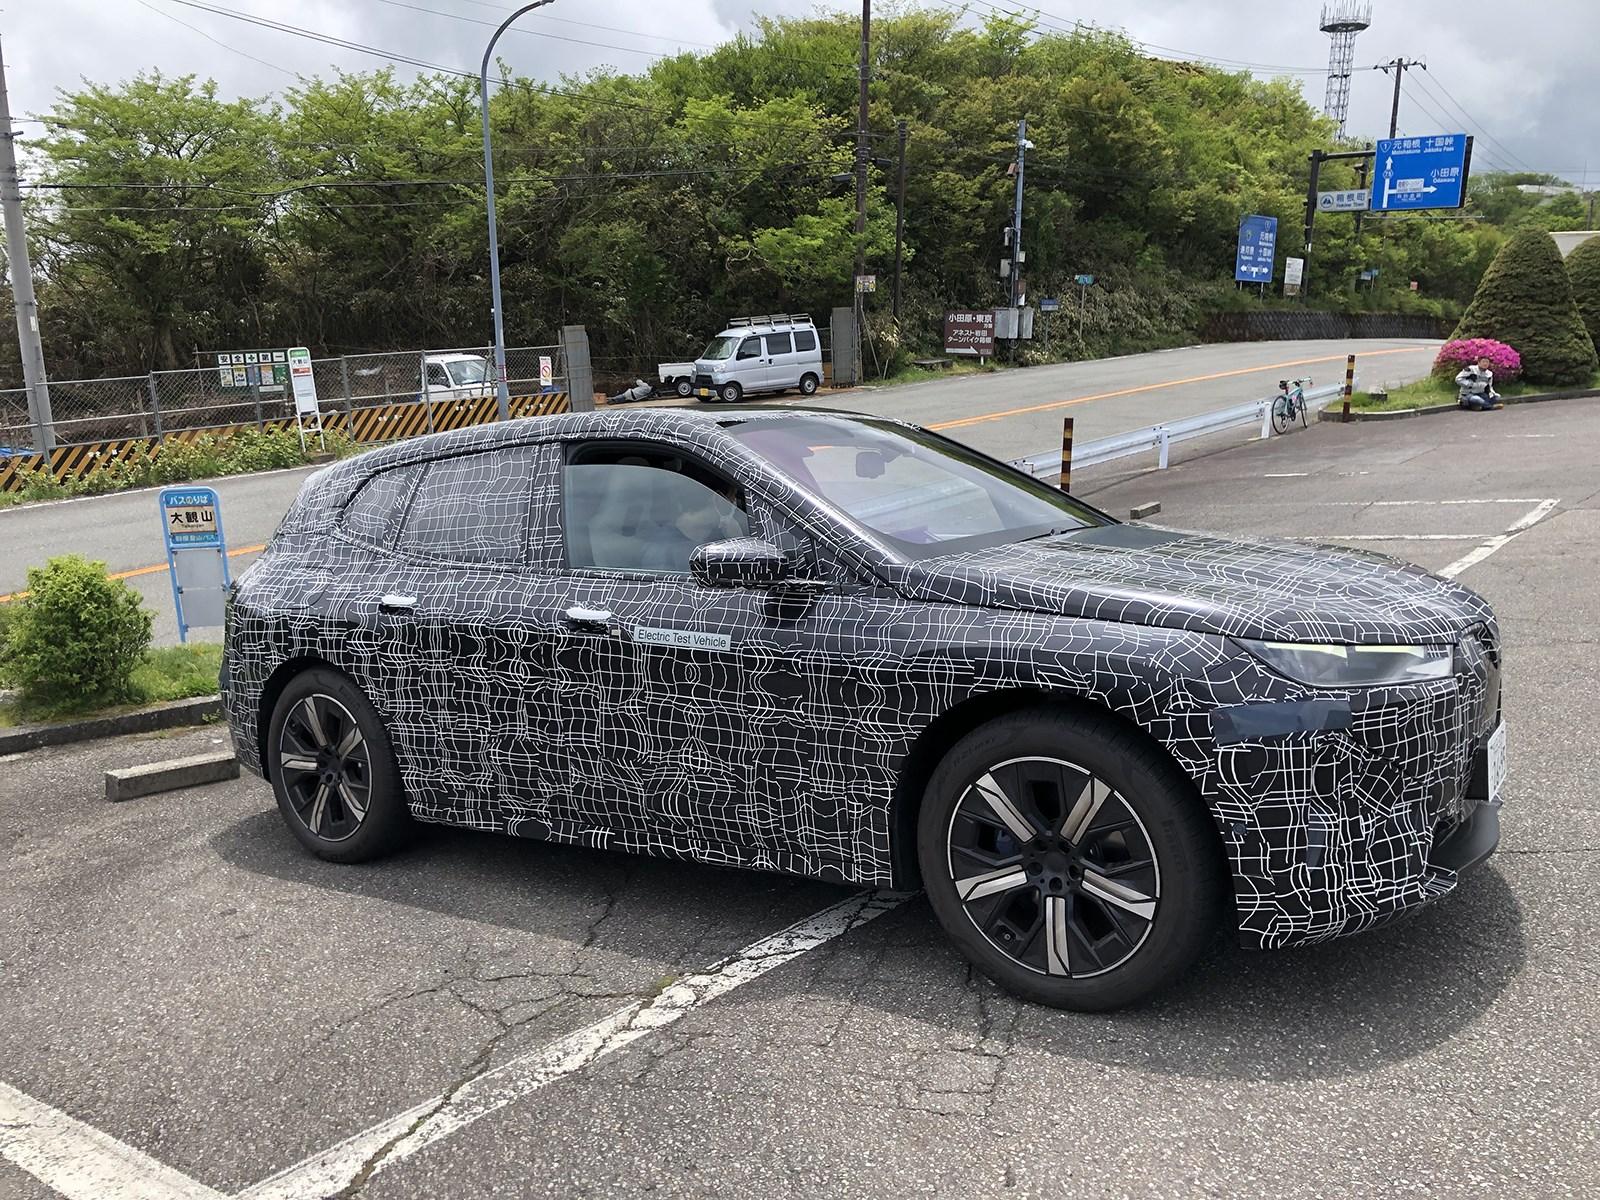 BMWの新型電気自動車のテスト風景を日本でスクープ。その正体は年内発売予定の「iX」だ!